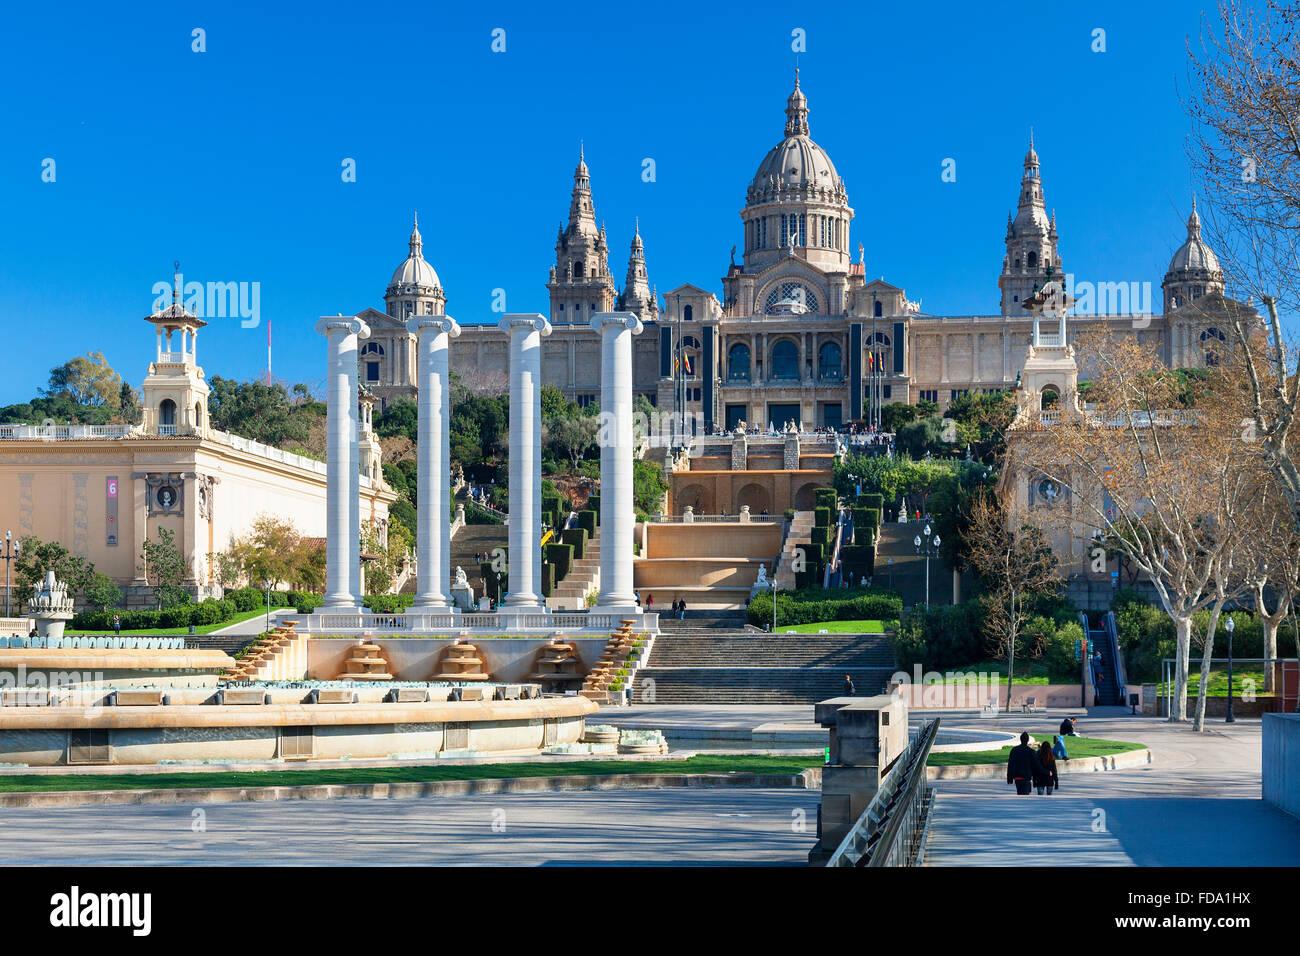 España, Cataluña, Barcelona, Montjuic, Museo Nacional de Arte de Cataluña (MNAC), el Palacio Nacional Imagen De Stock